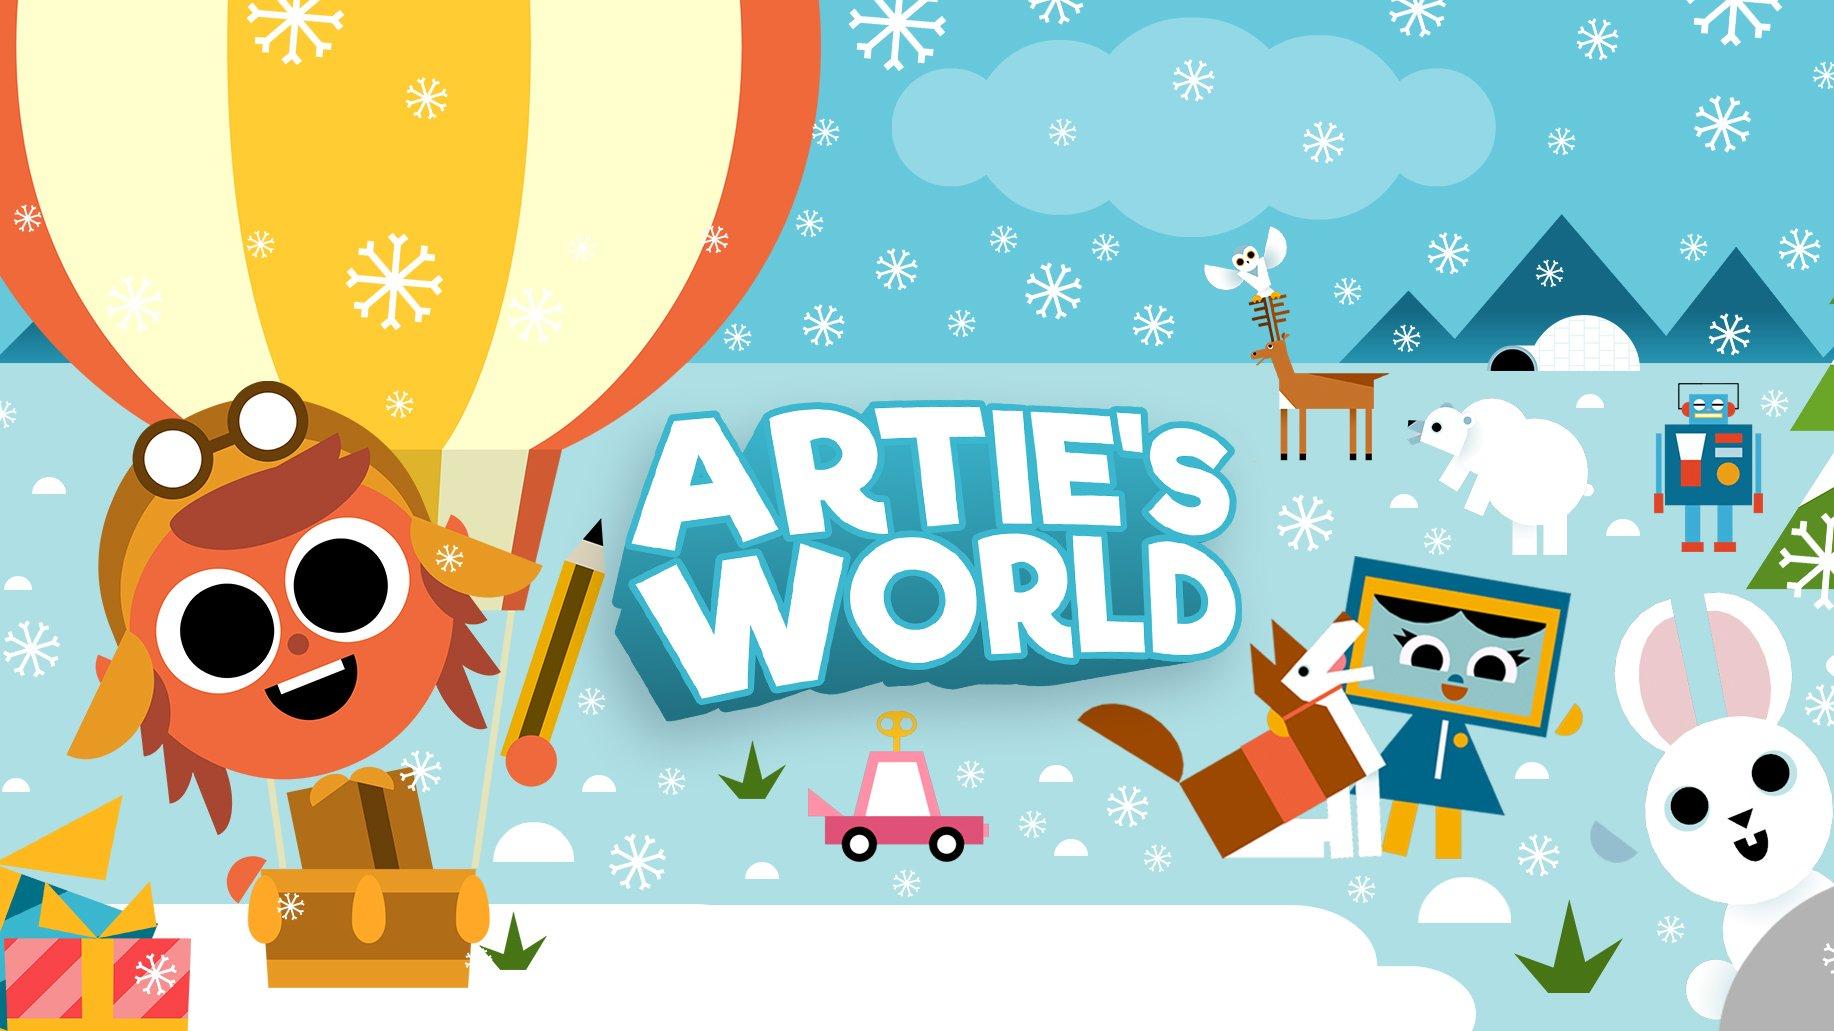 El mundo de Artie